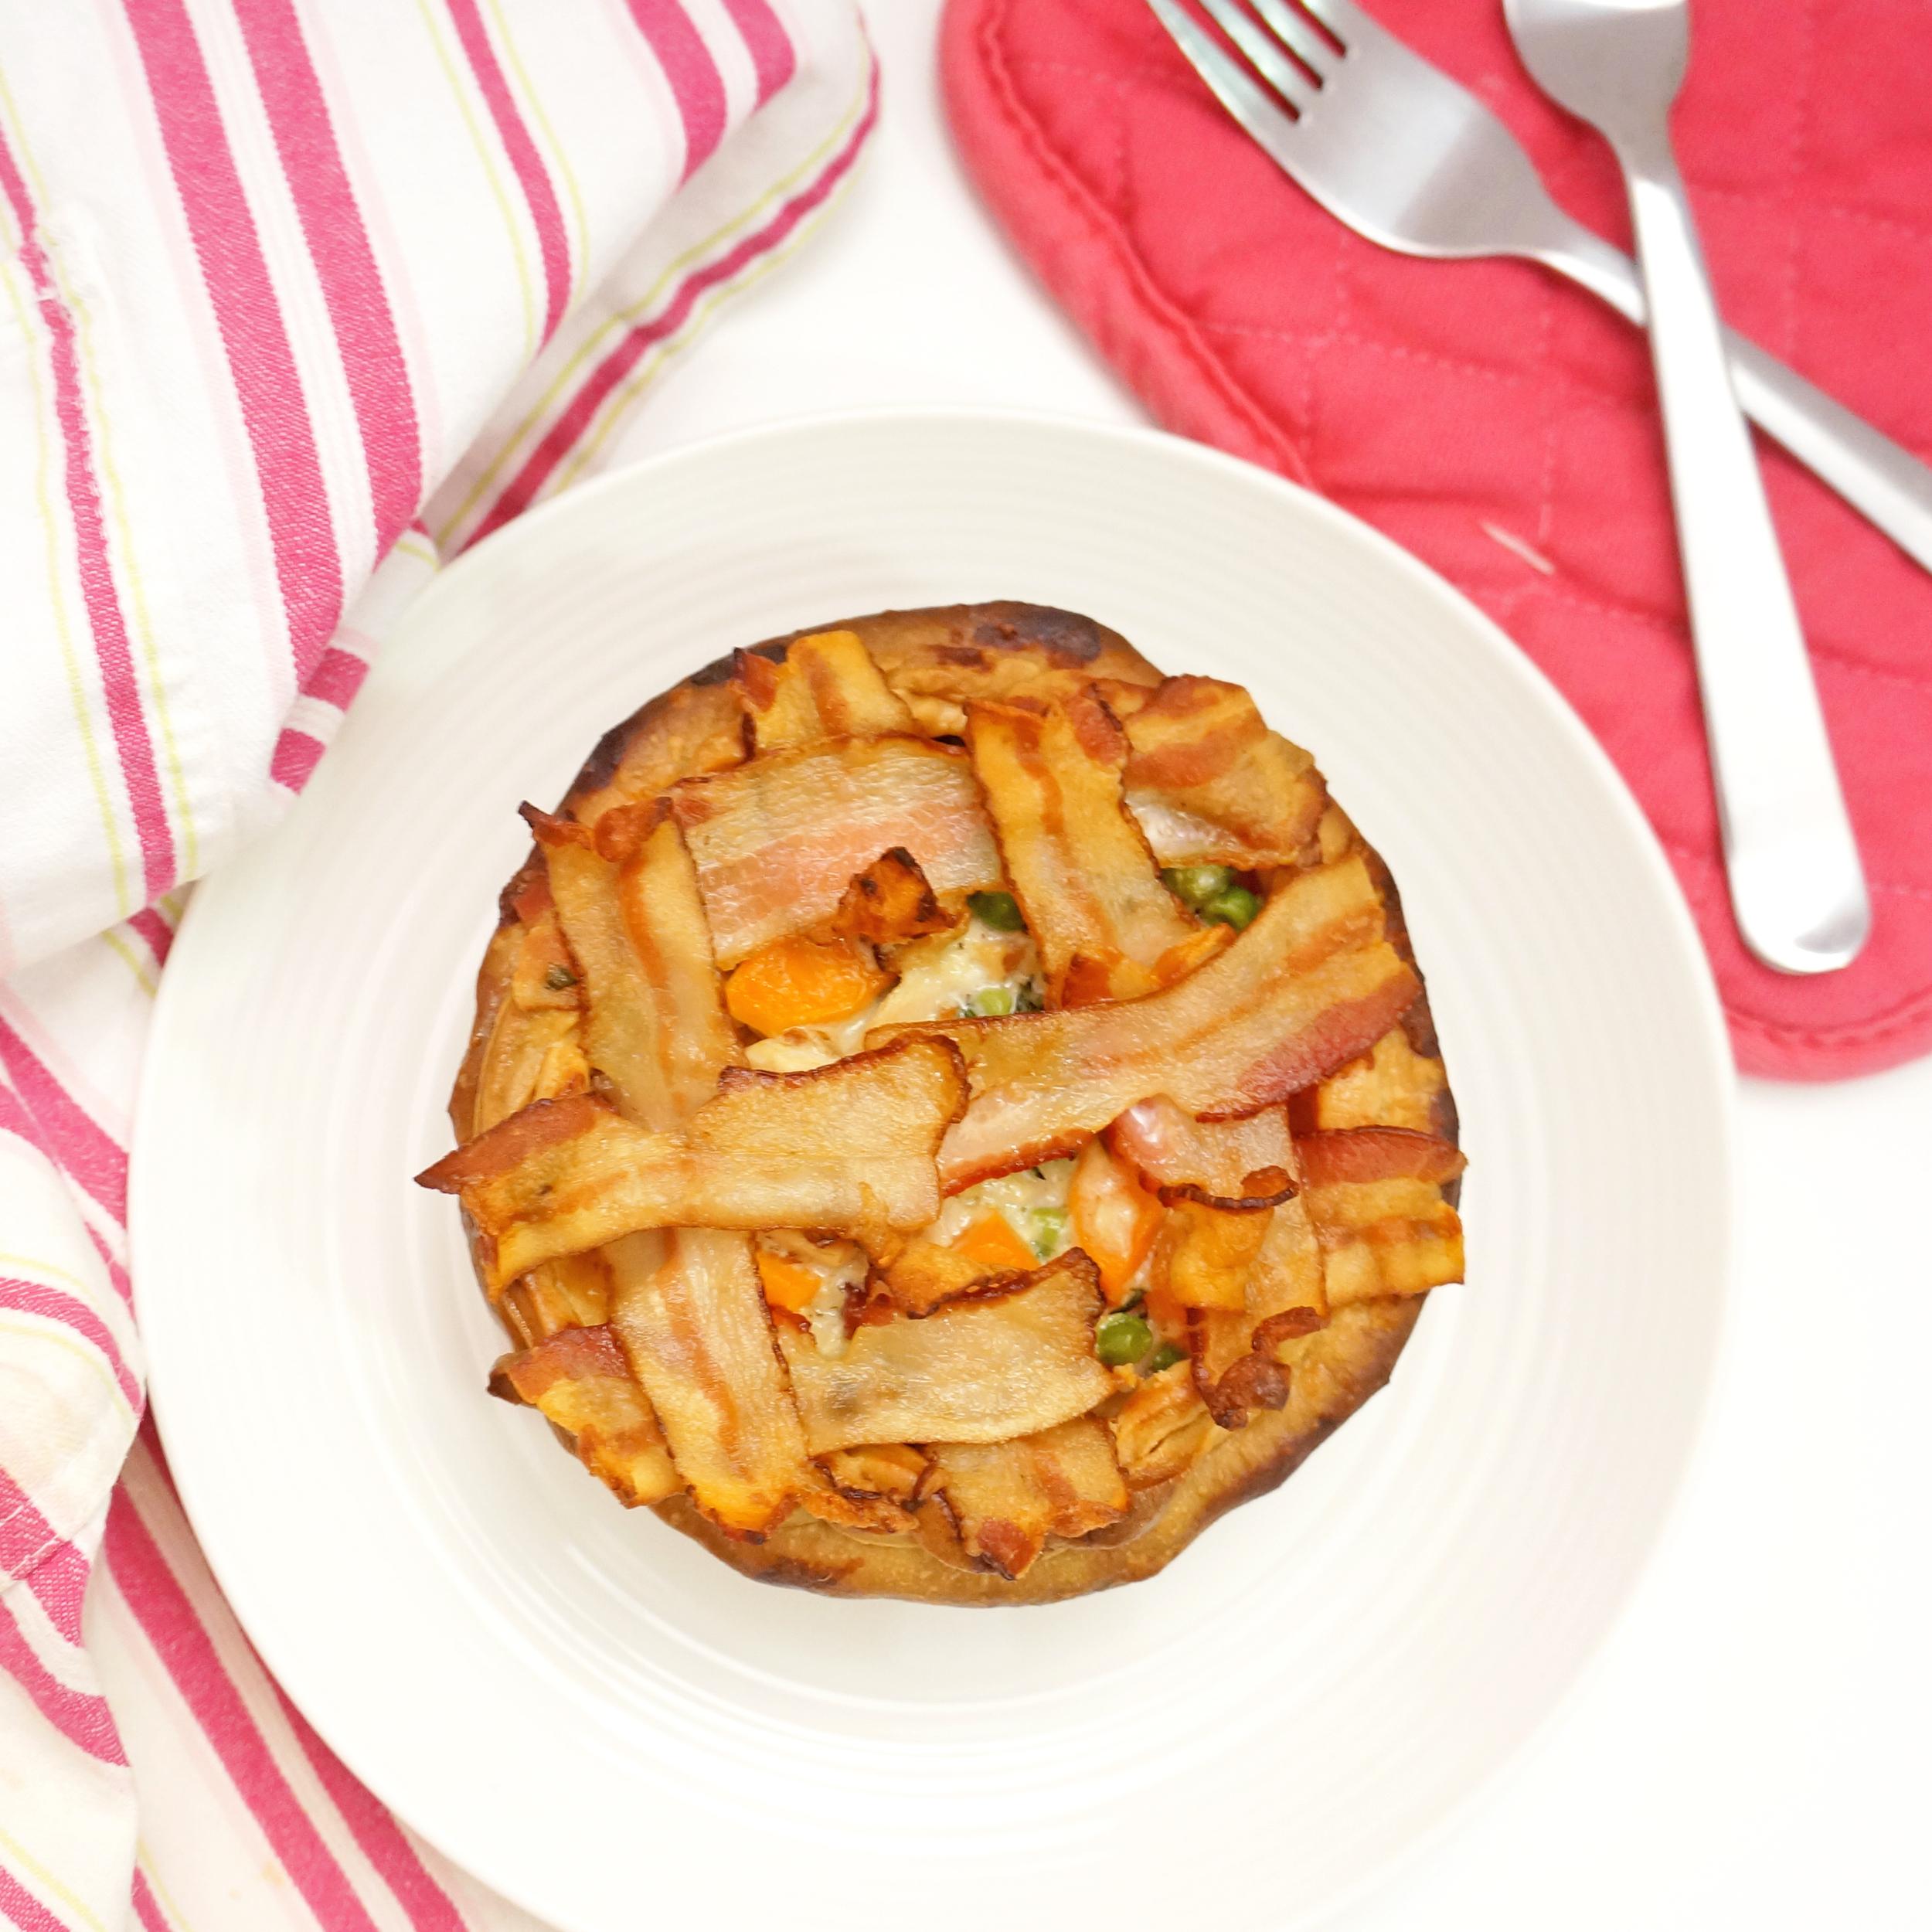 thegirlcaneat-chicken-pot-pie-bacon-lattice-crust-1